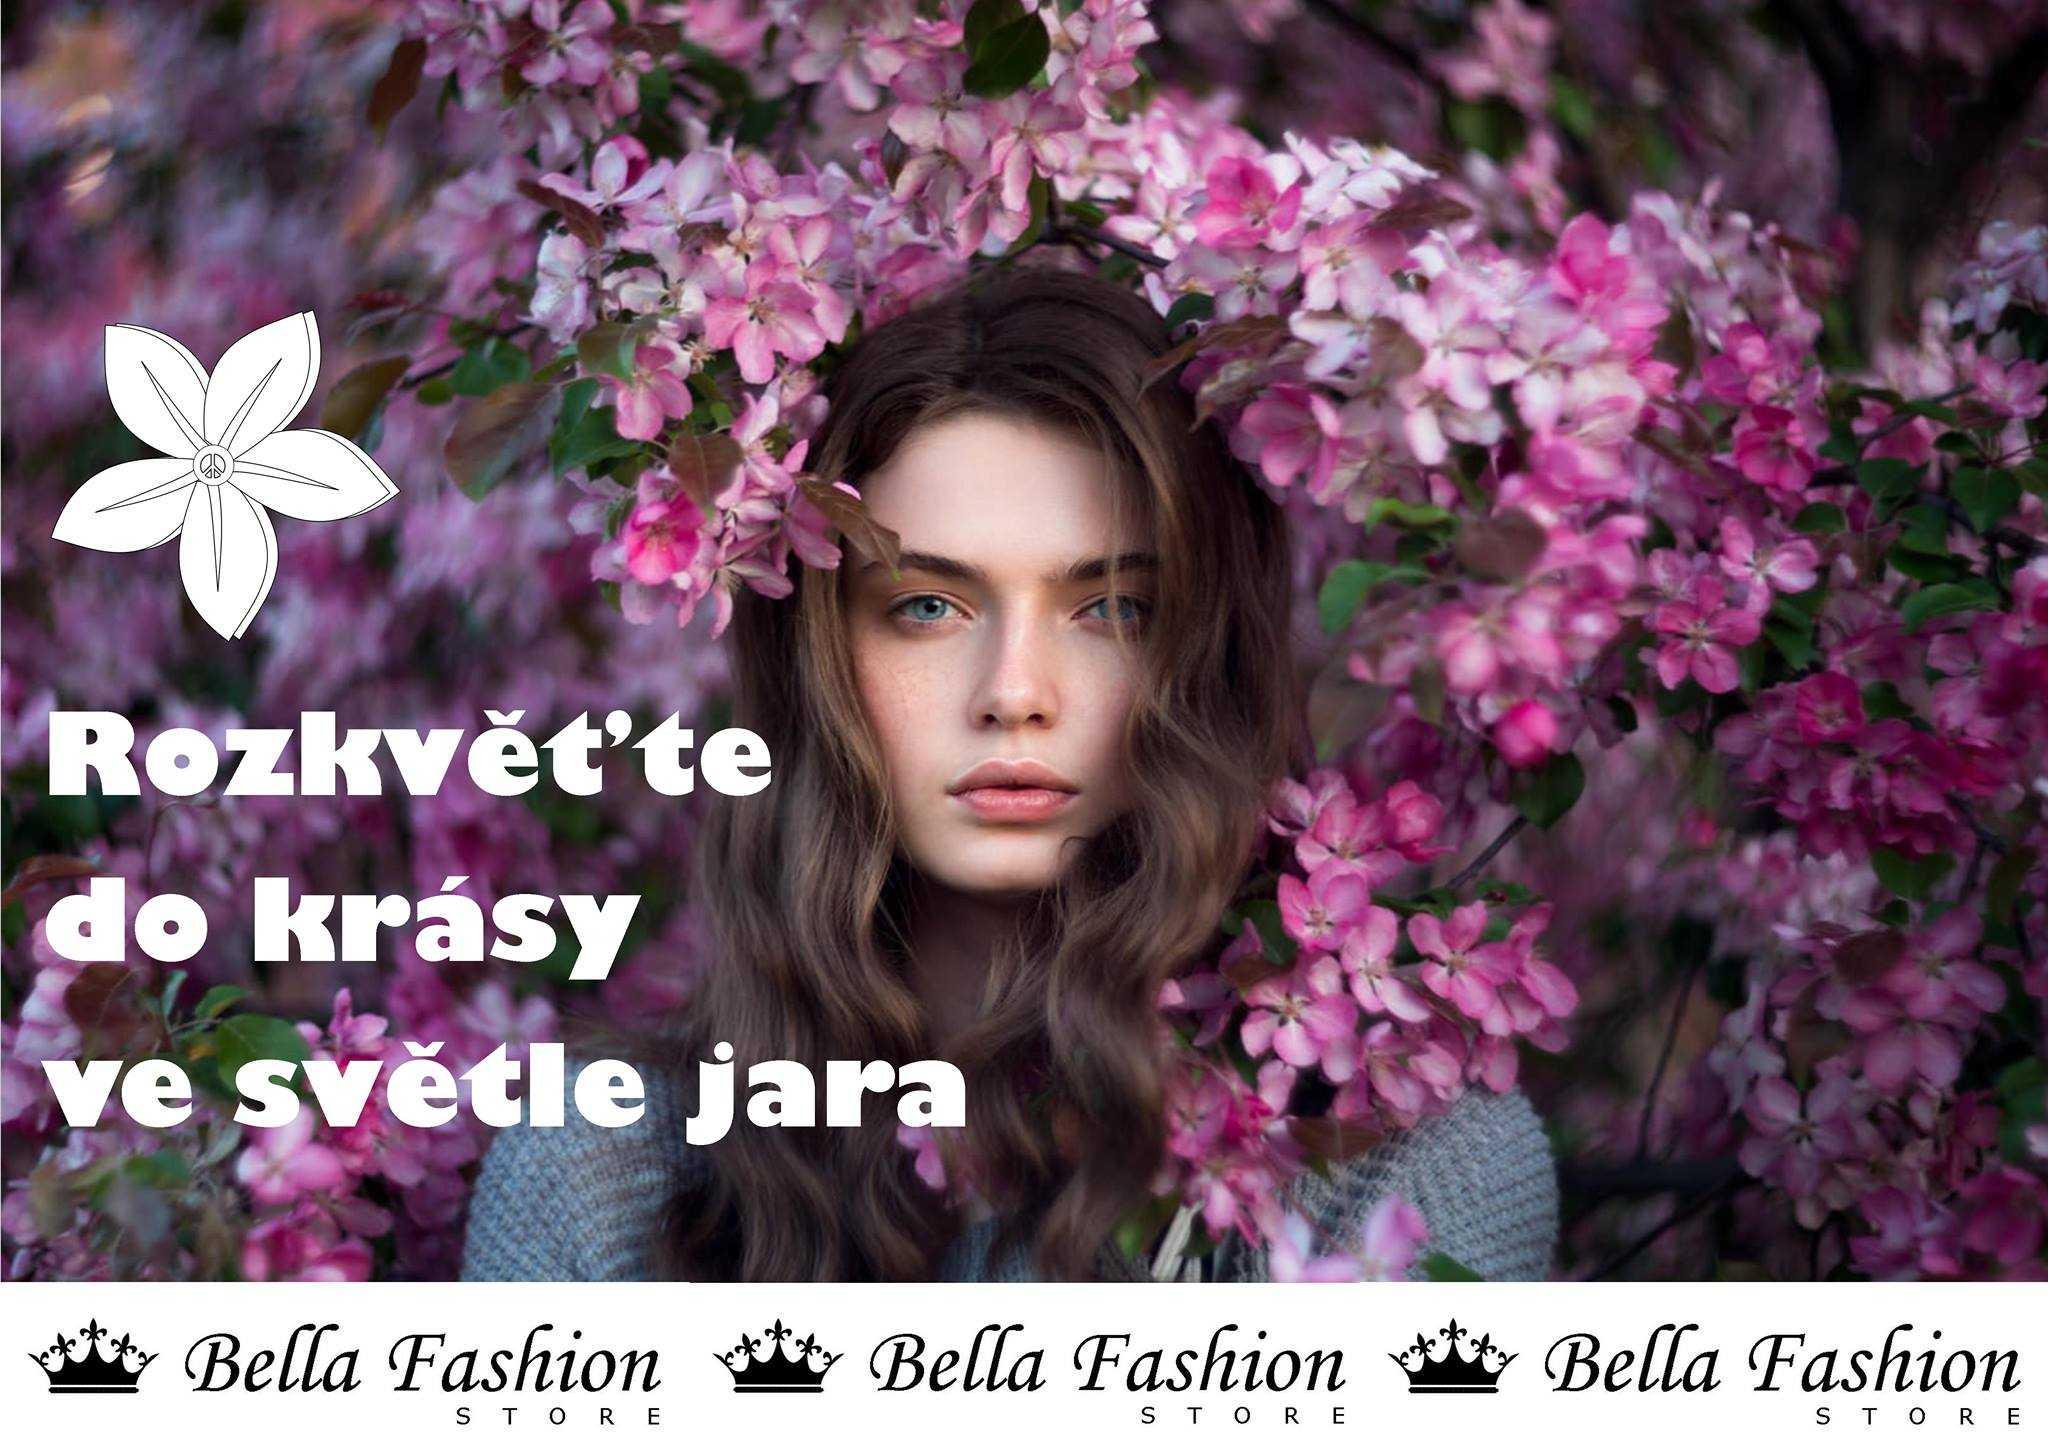 Bella Fashion Store